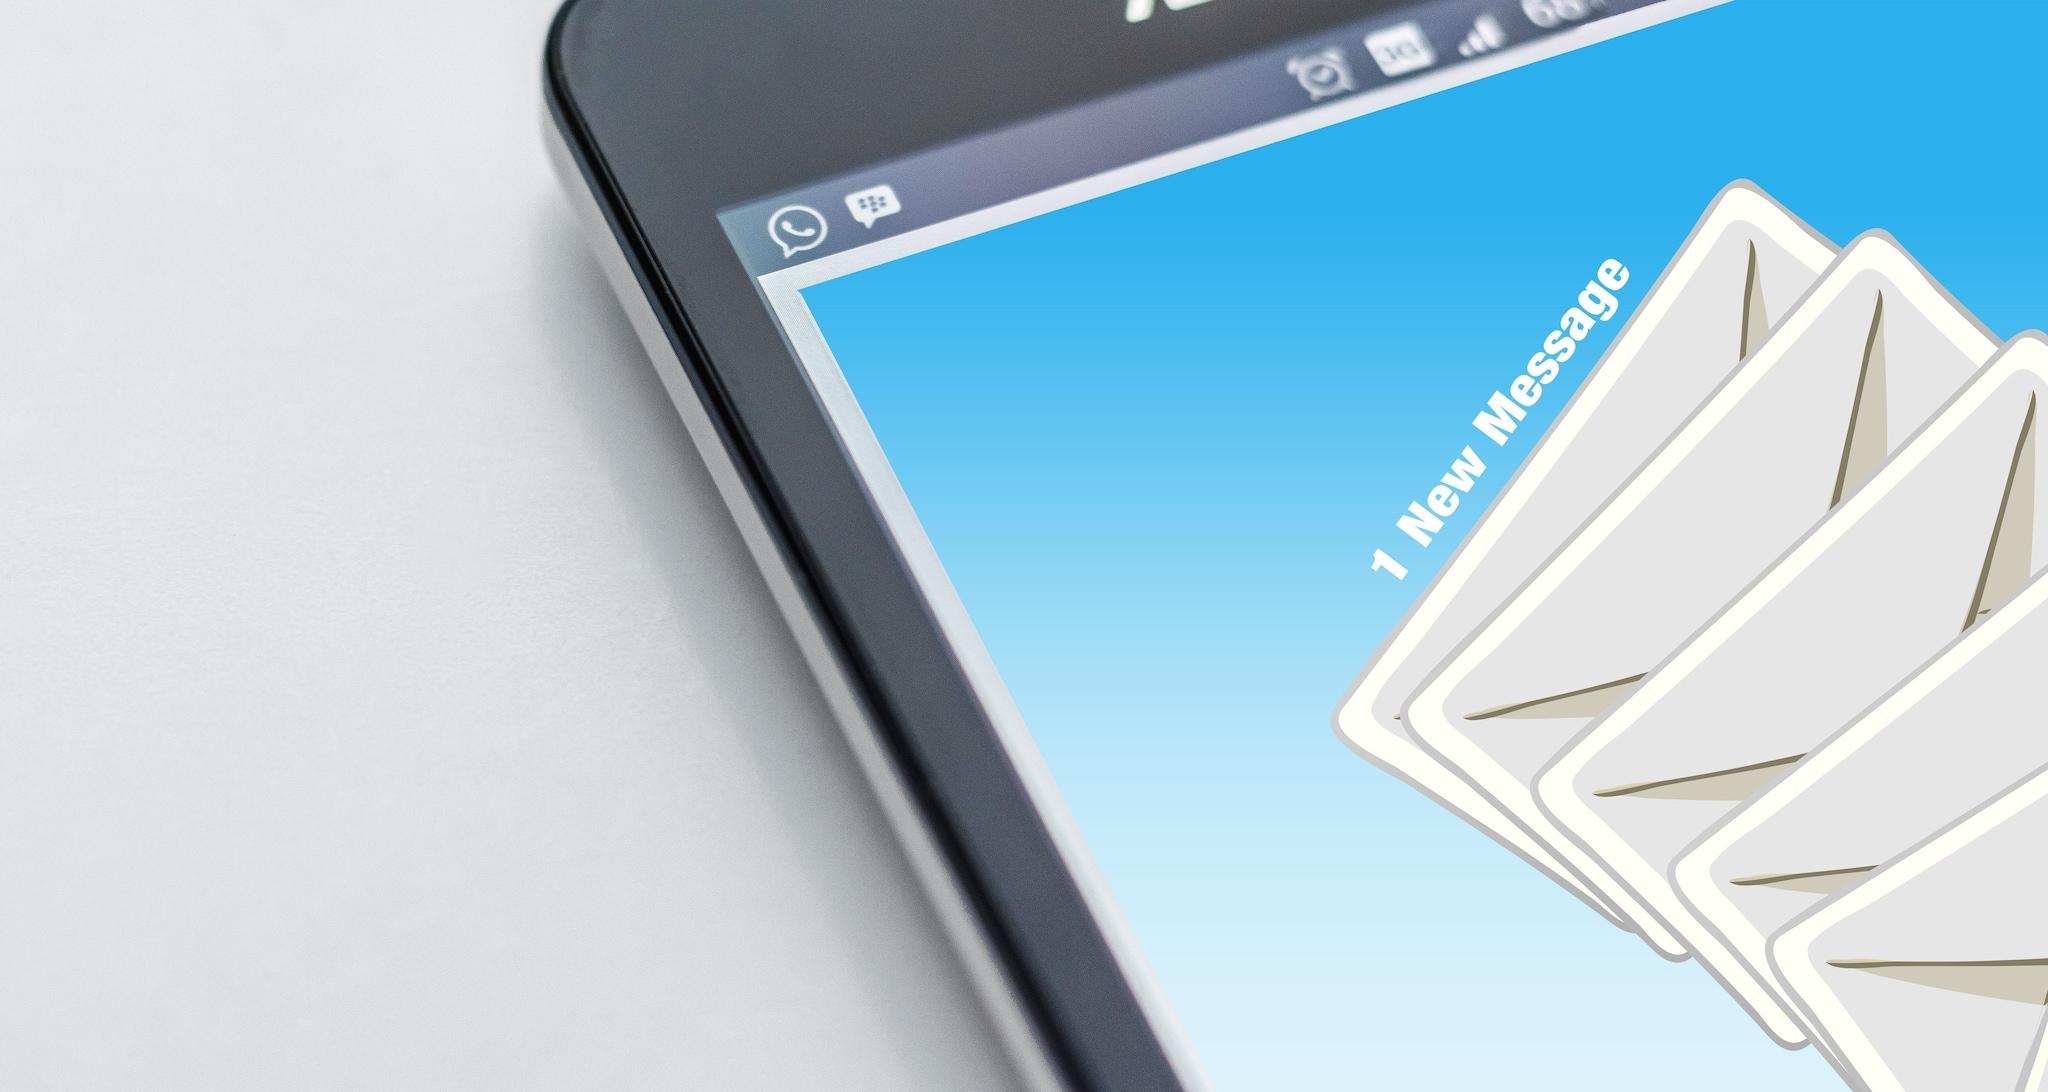 SMS: Short Message Service (షార్ట్ మెసేజ్ సర్వీస్)